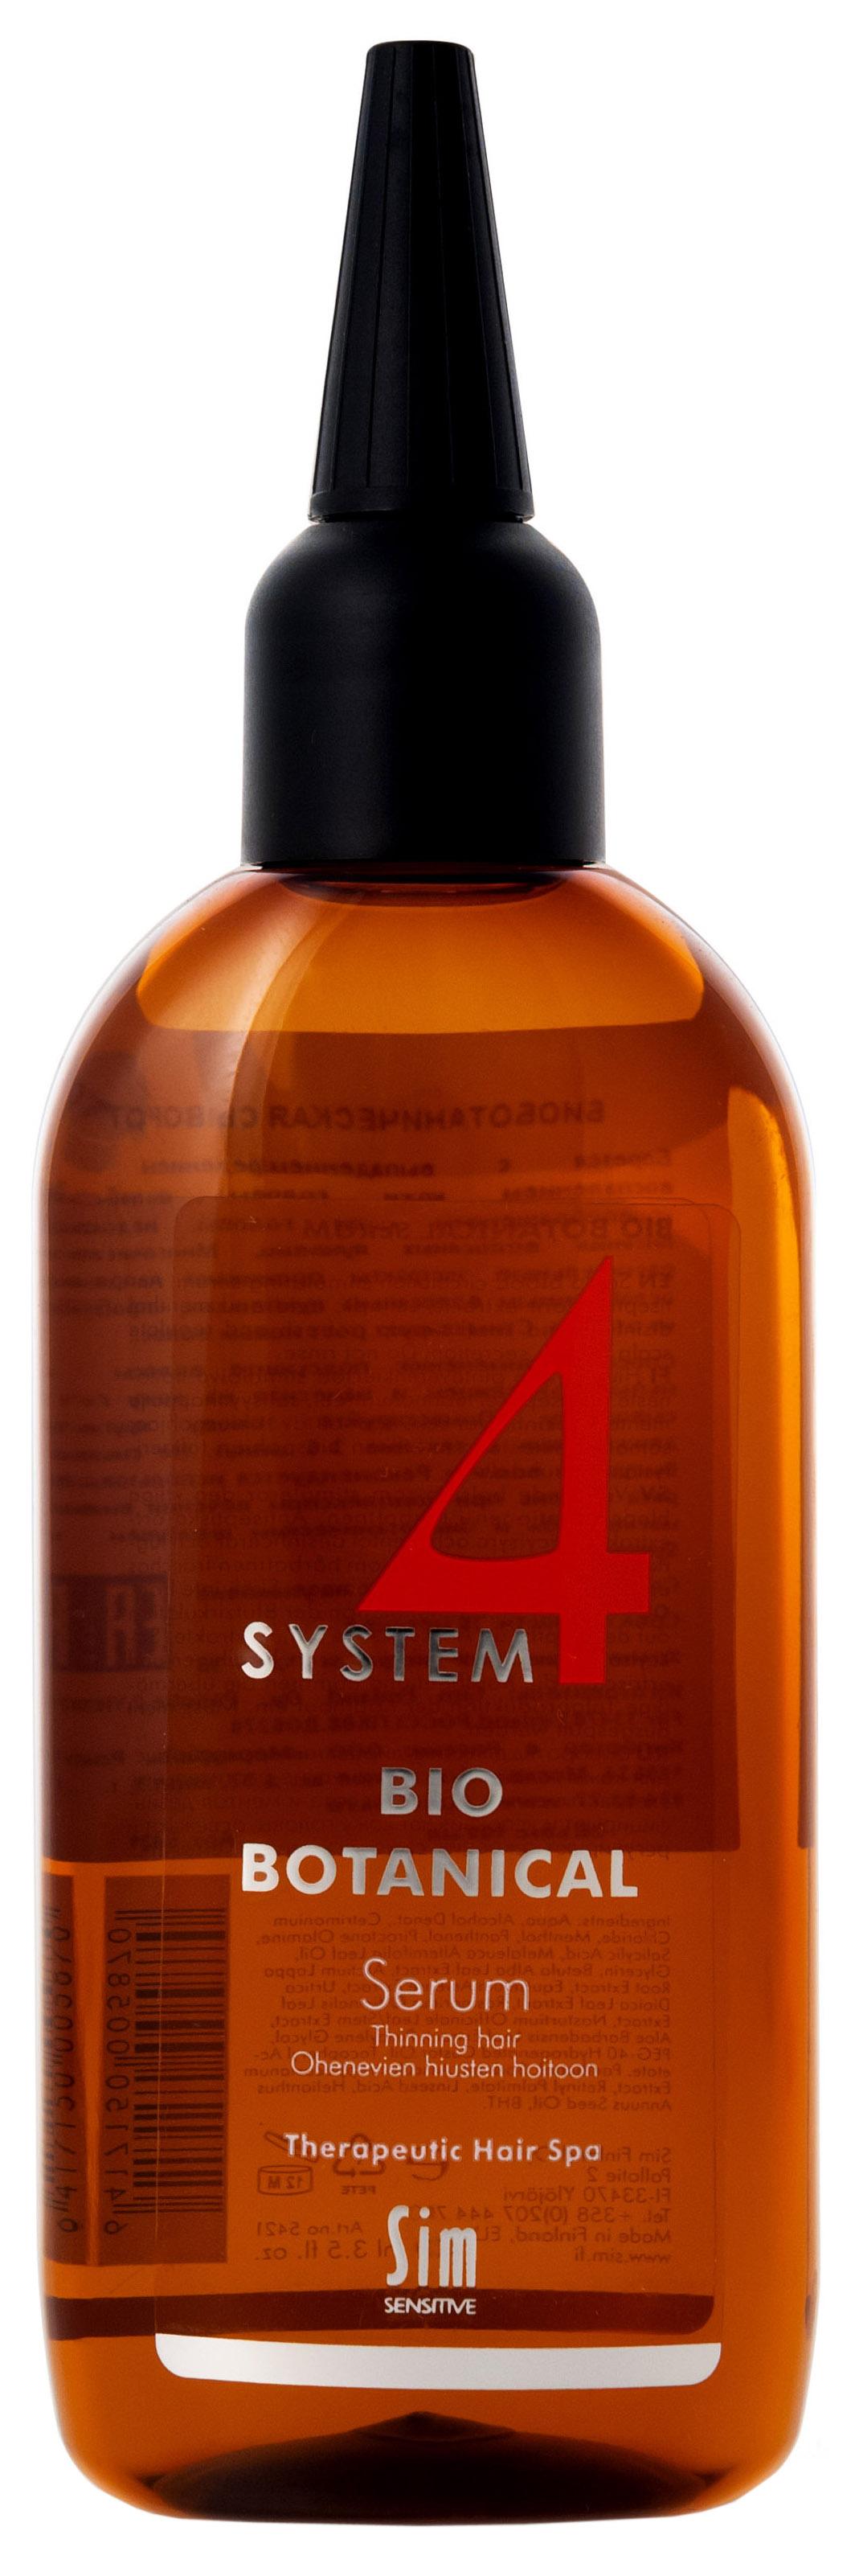 Шампунь Sim Sensitive System 4 Bio Botanical Shampoo для роста волос 100 мл